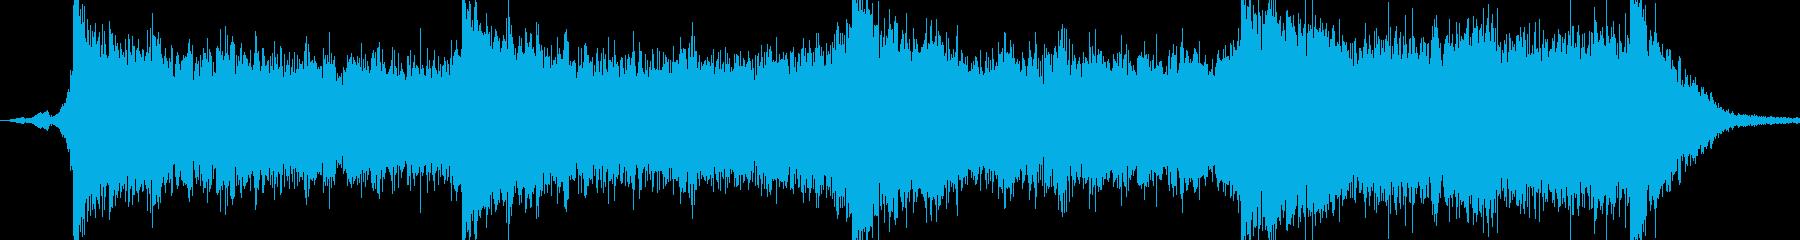 代替案 ポップ 実験的な モダン ...の再生済みの波形